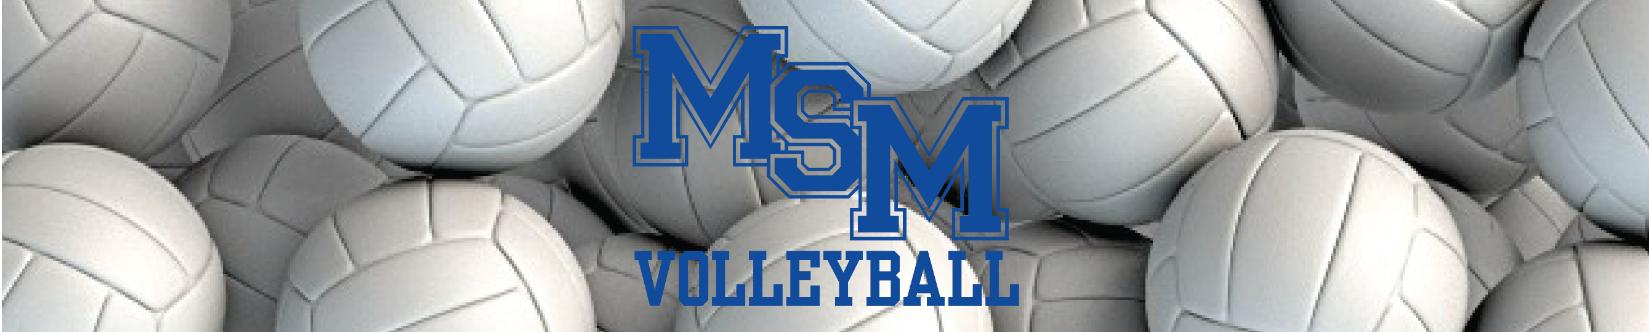 msm volleyball banner